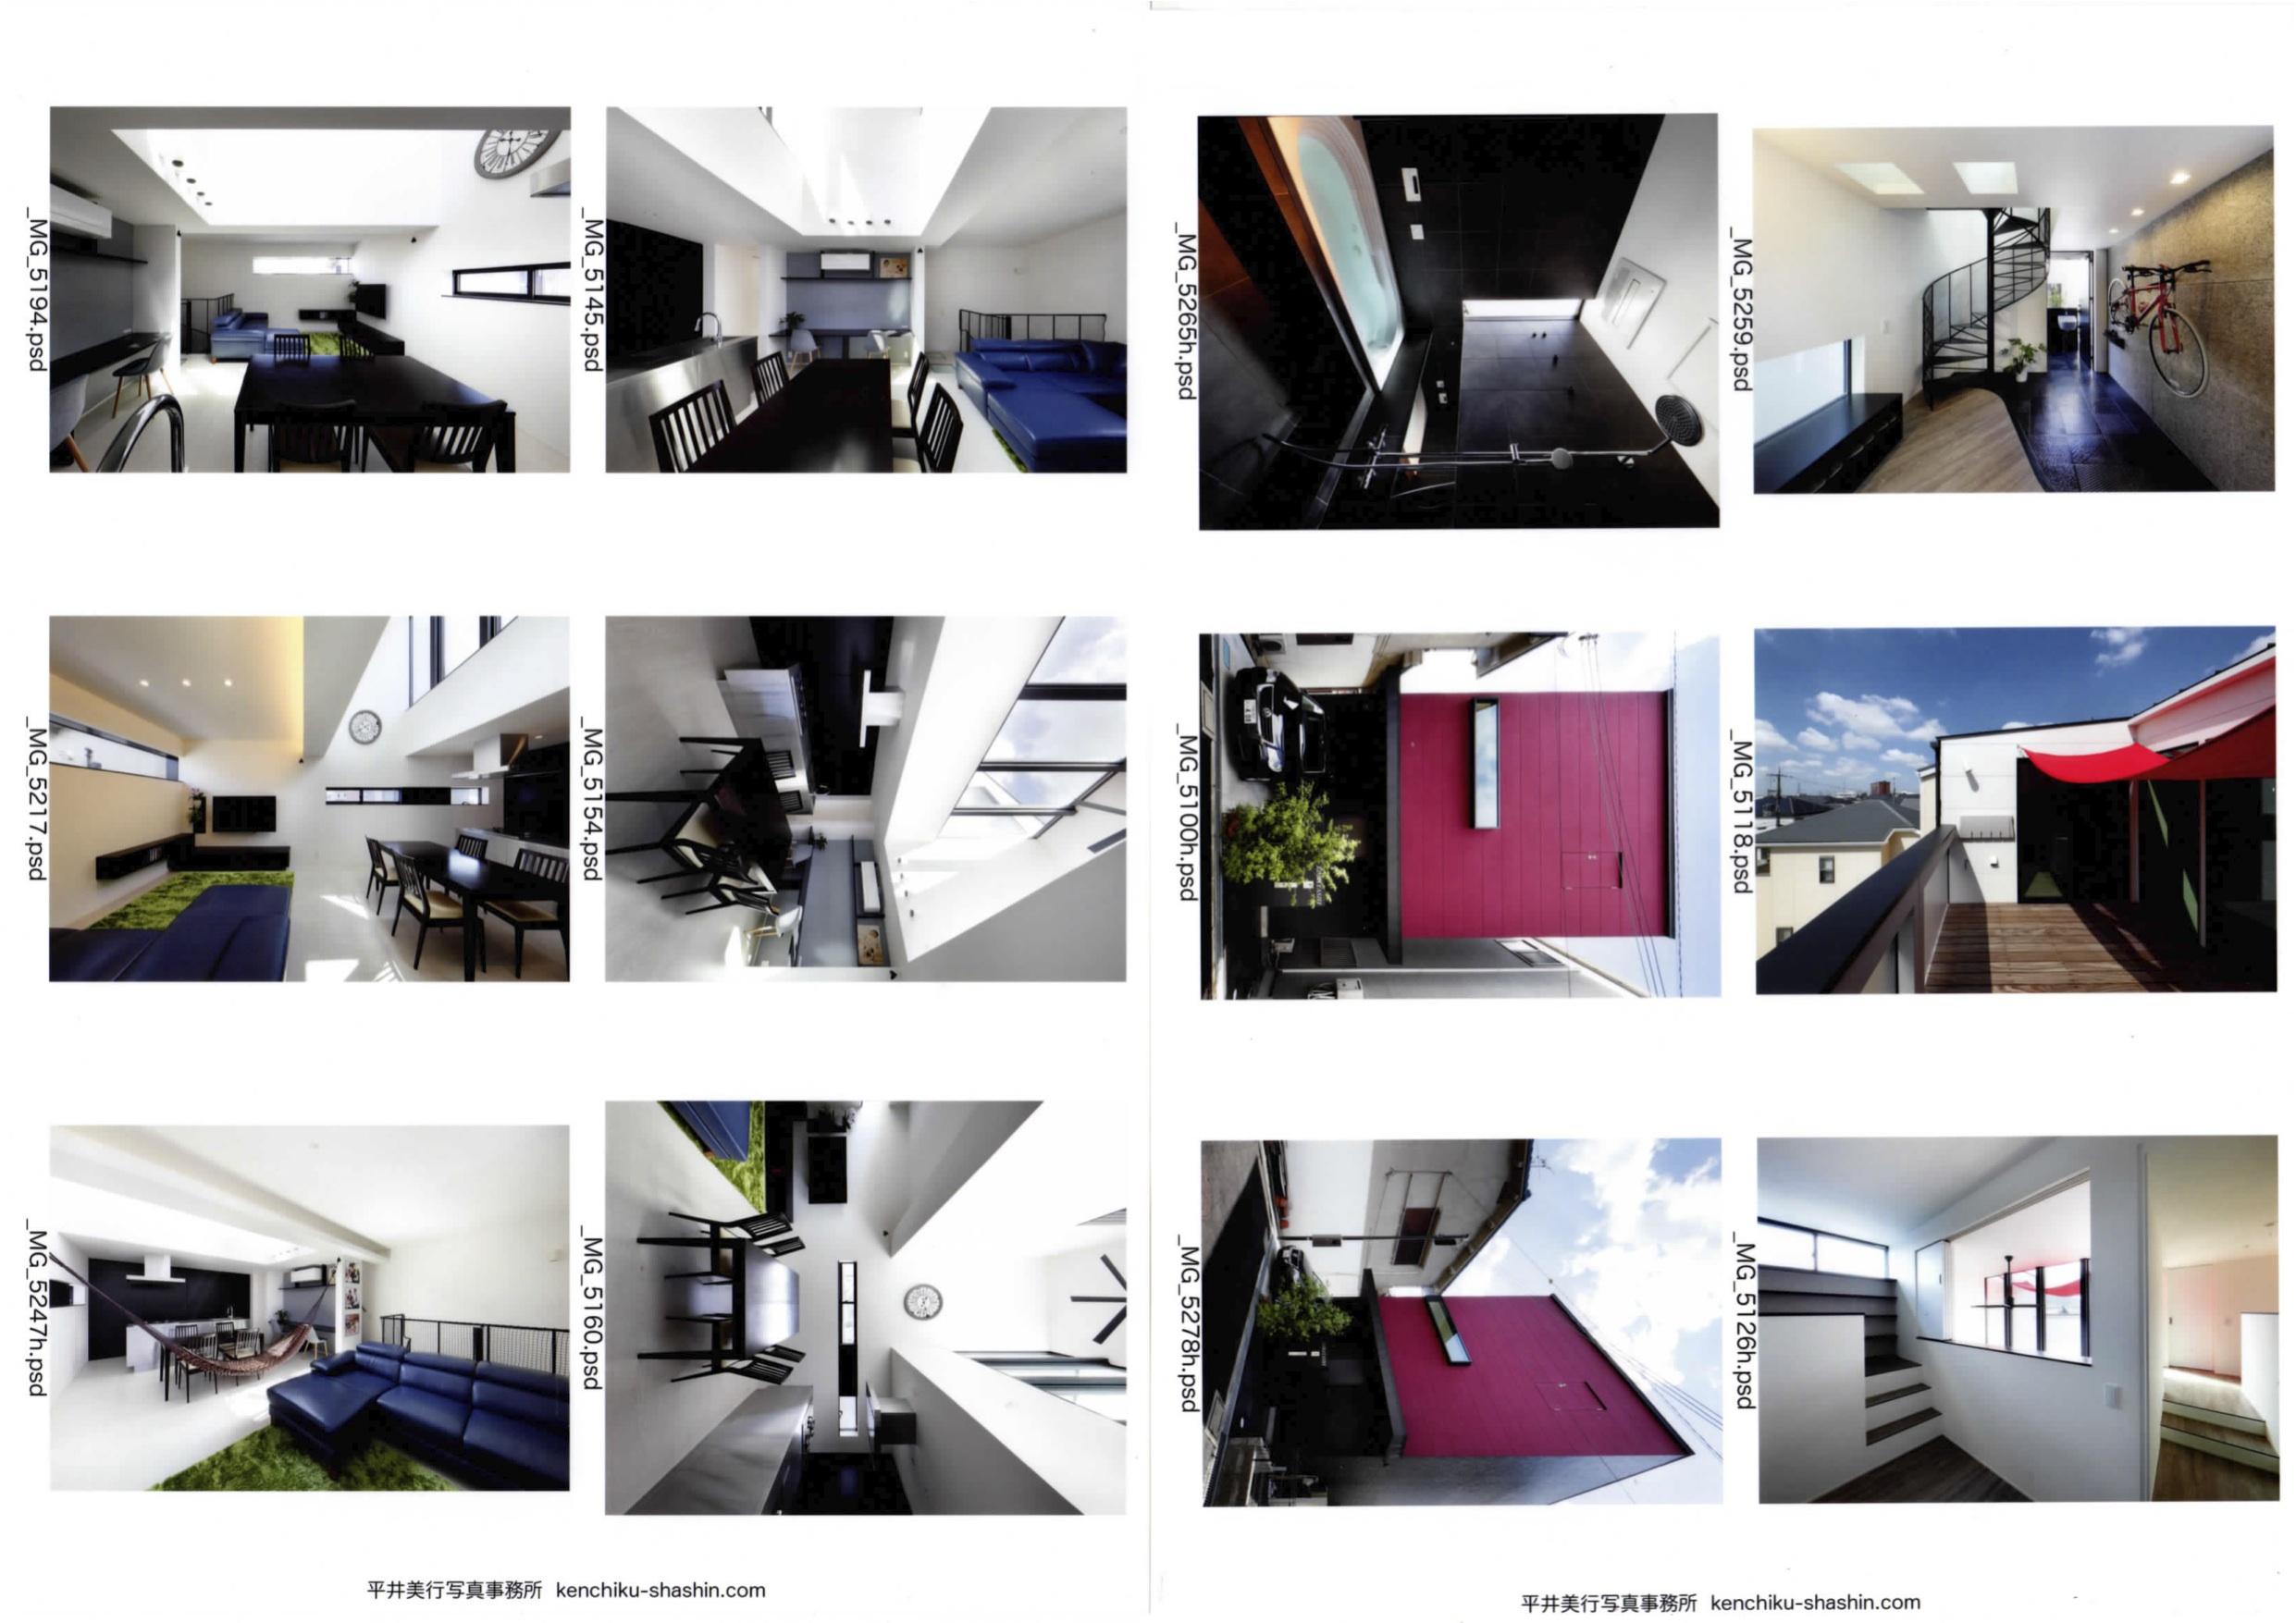 建築家,デザイン,店舗付き住宅,美容室,設計事務所,高級注文住宅,大阪,京都,神戸,インテリアパース,竣工写真